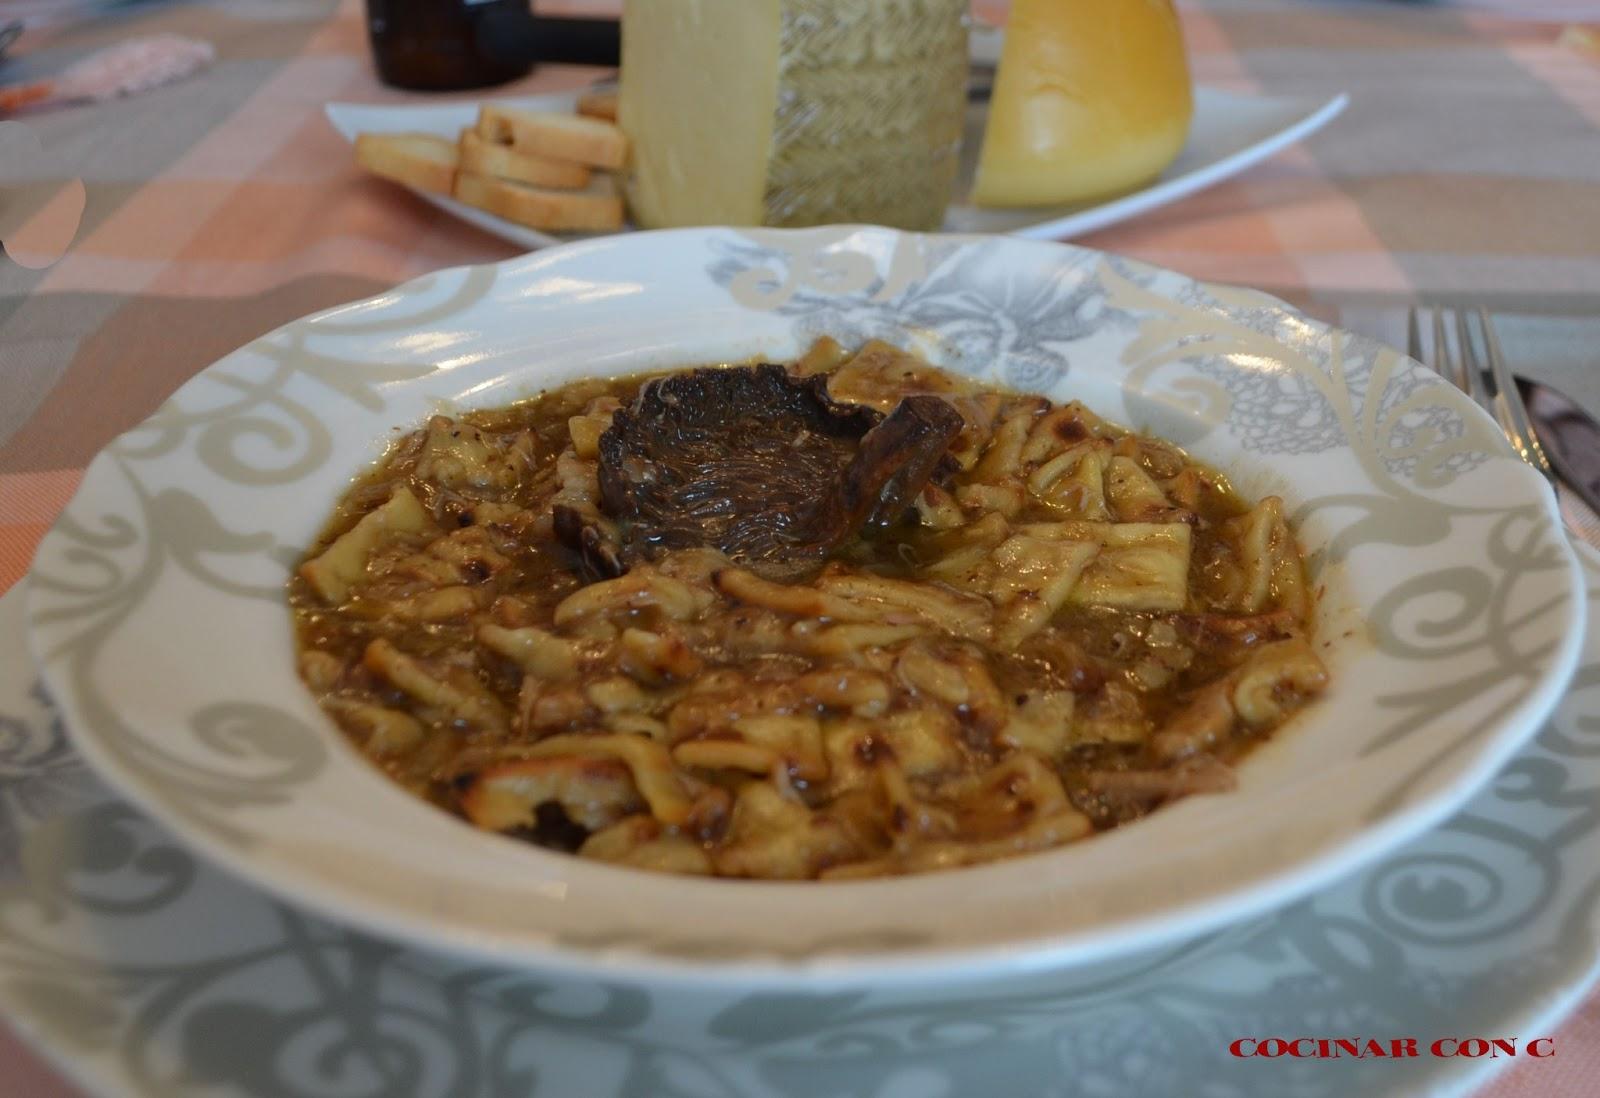 Cocinar con c gazpacho manchego Cocinar con 5 ingredientes